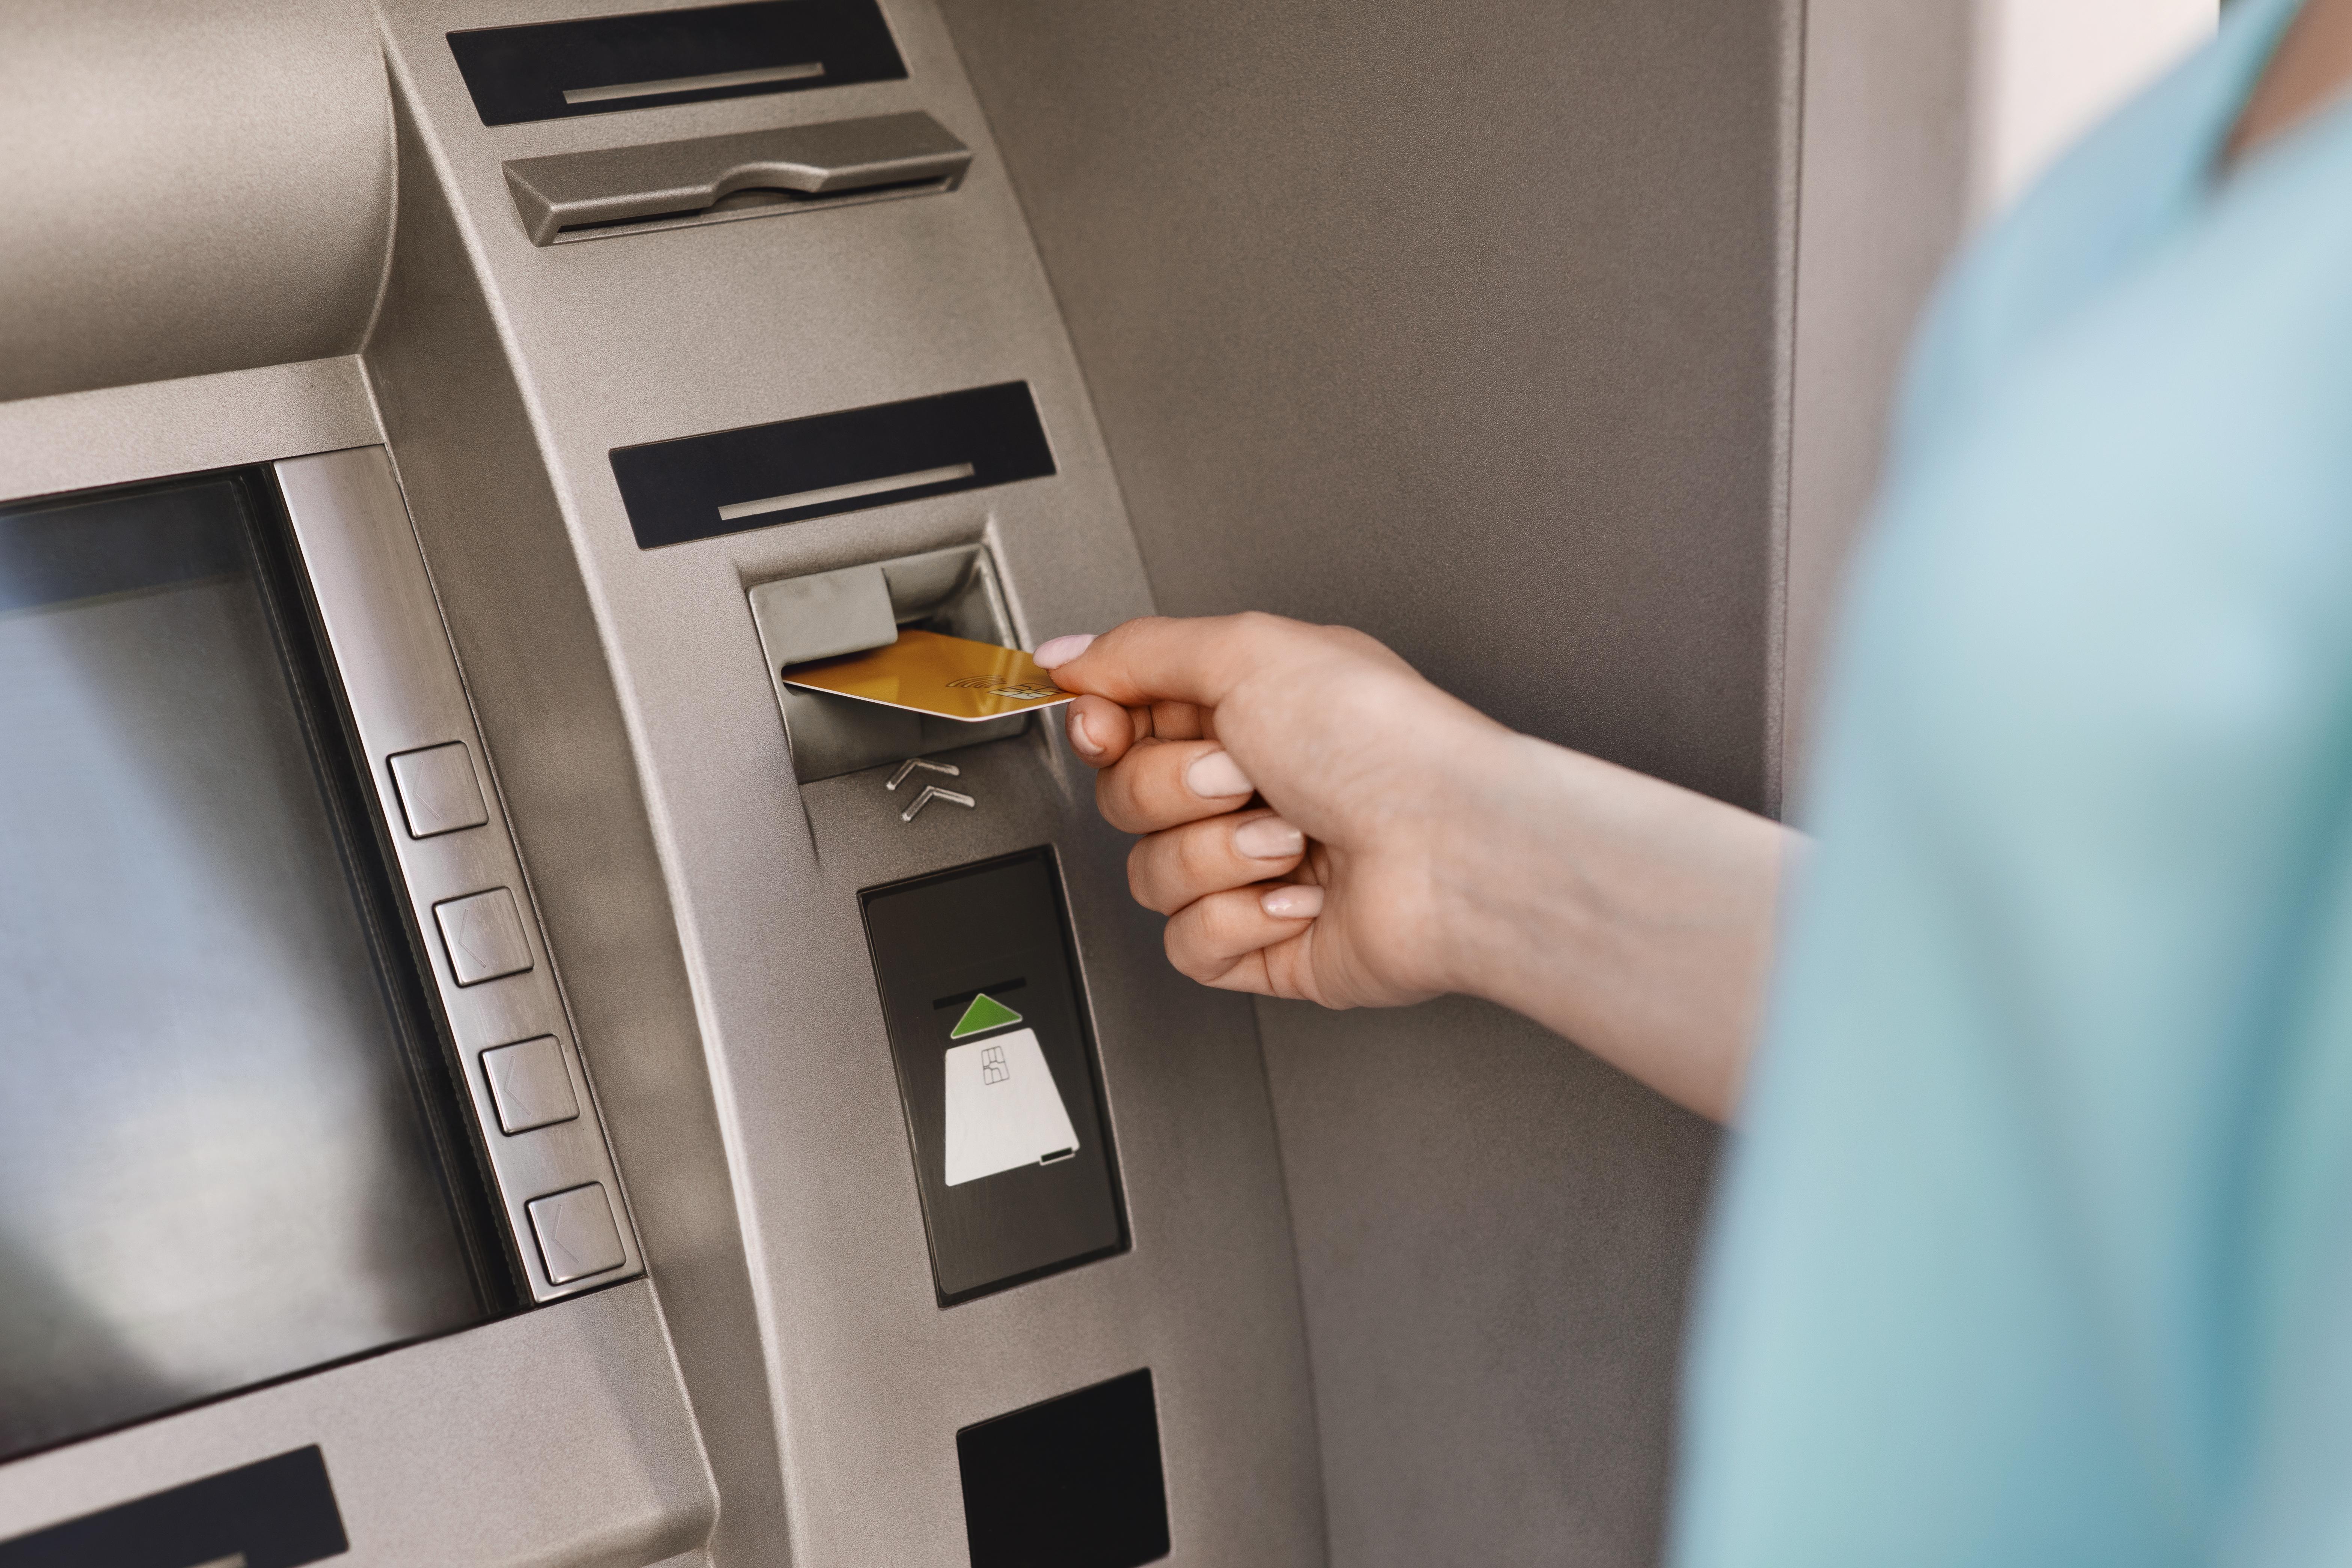 банкомат почтабанк